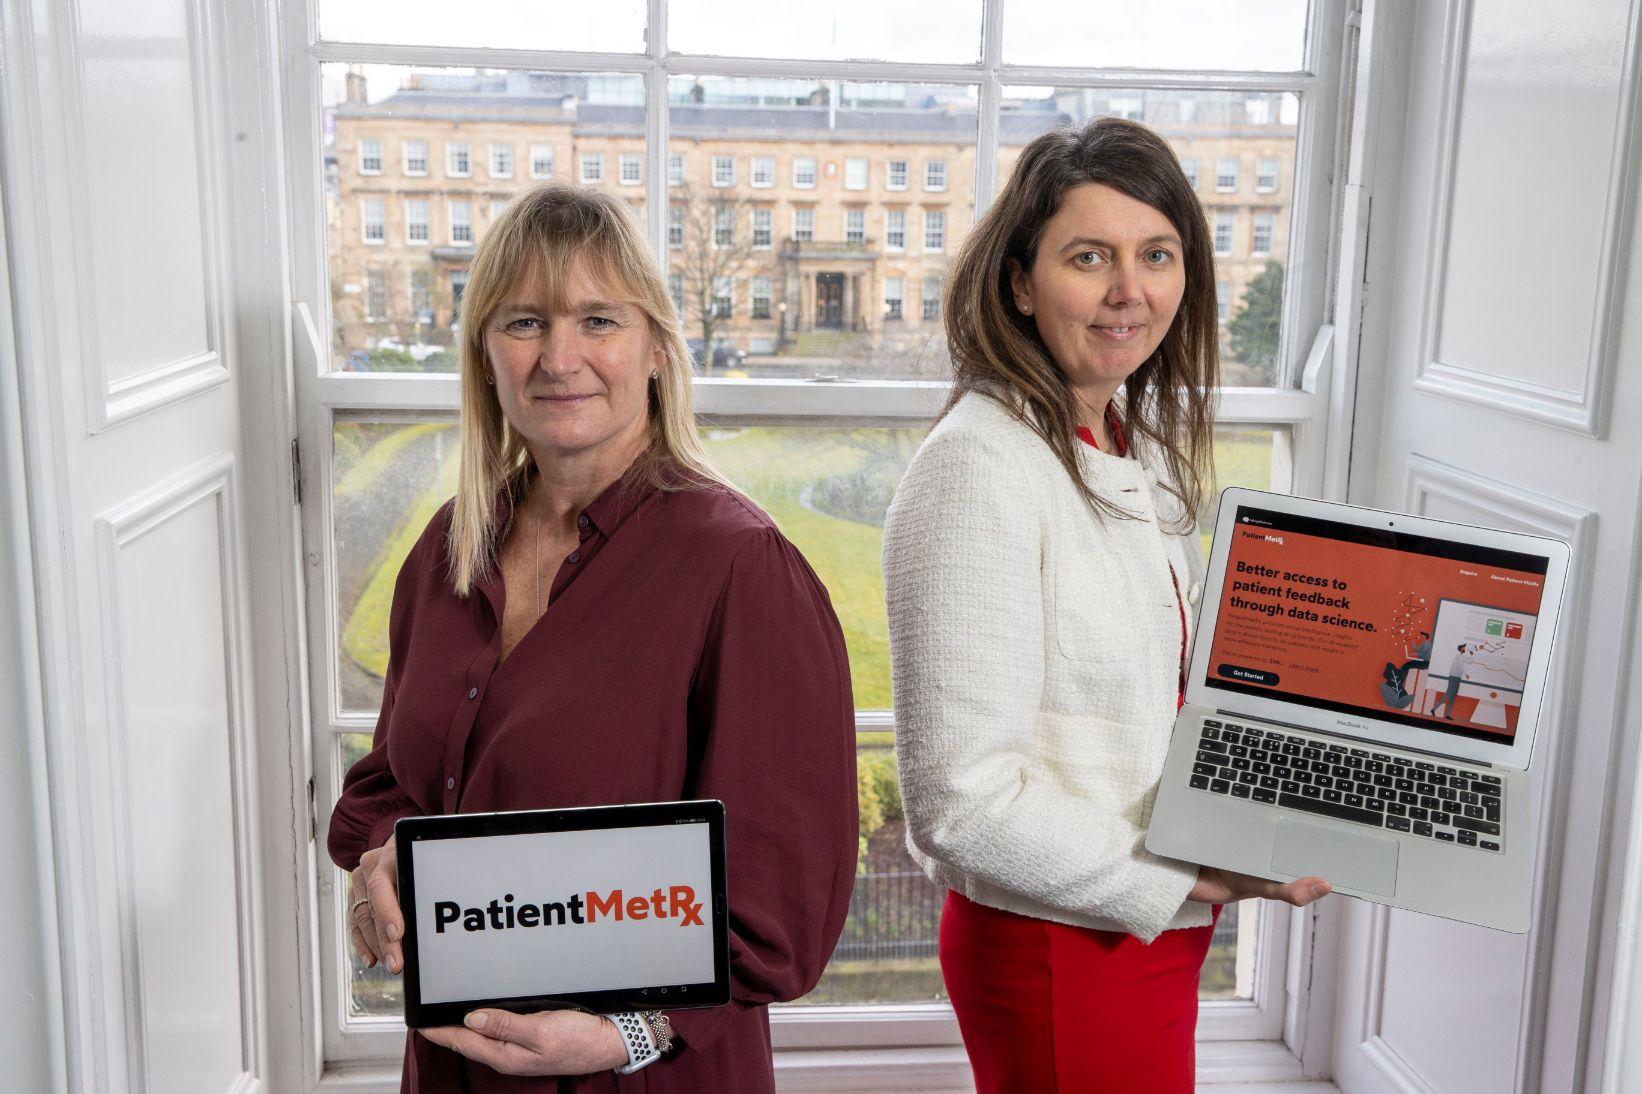 PatientMetRx